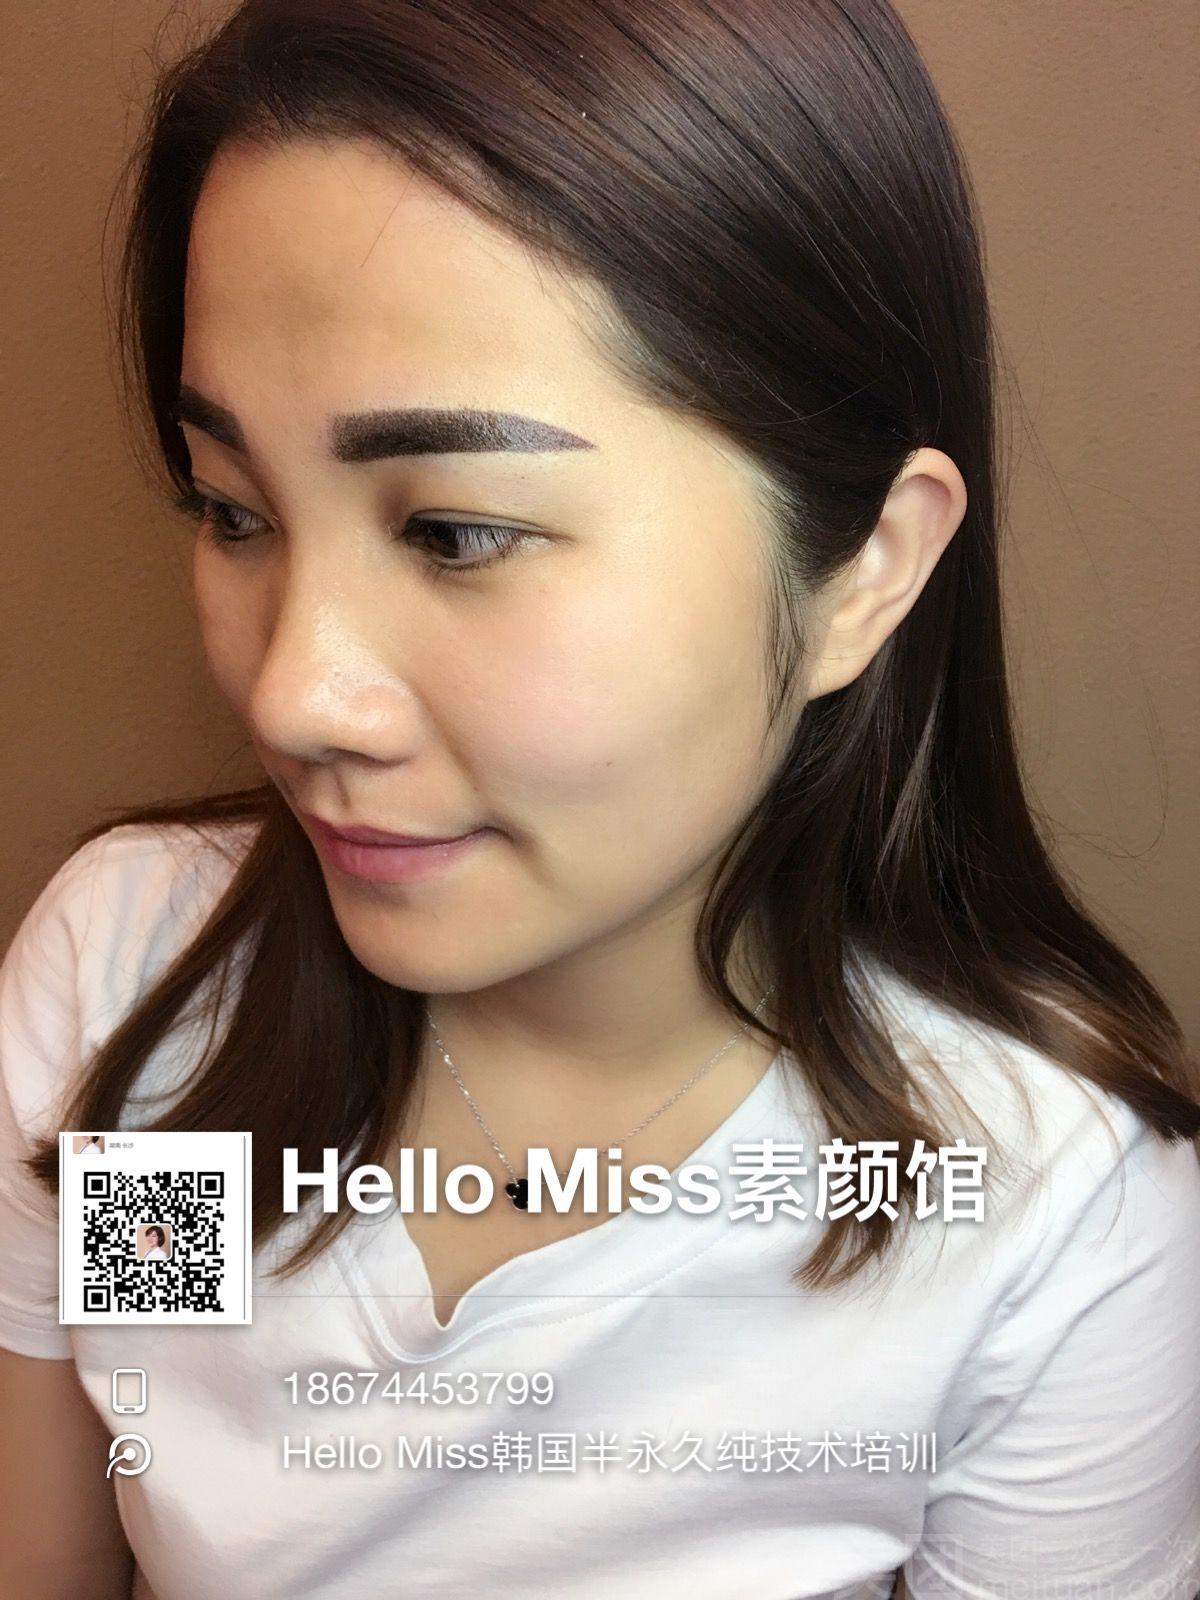 miss 素颜馆团购】长沙hellomiss素颜馆